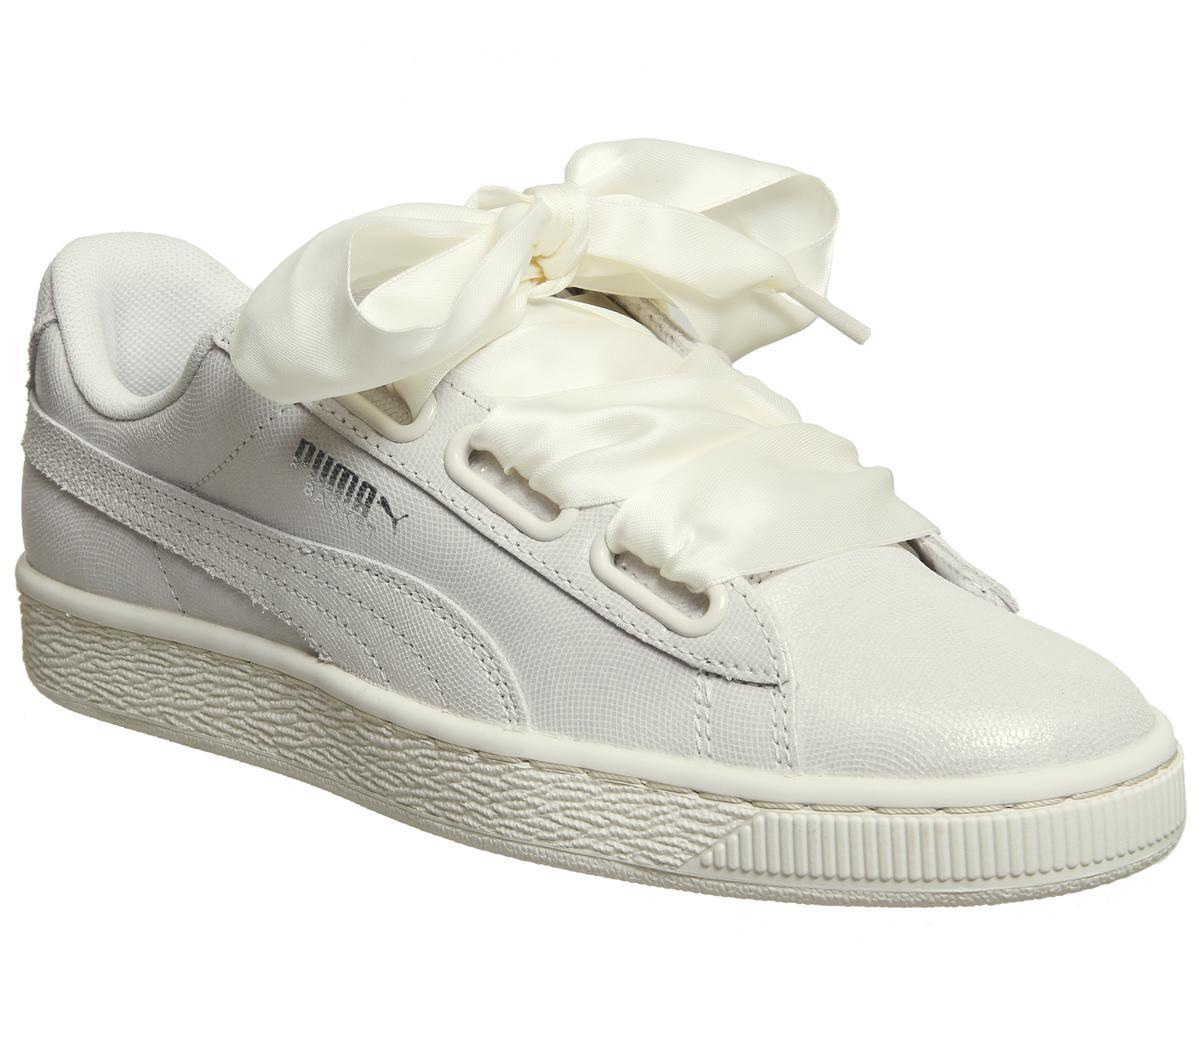 4 pairs of Girls White Trainer socks Hearts Design 4-5 Years